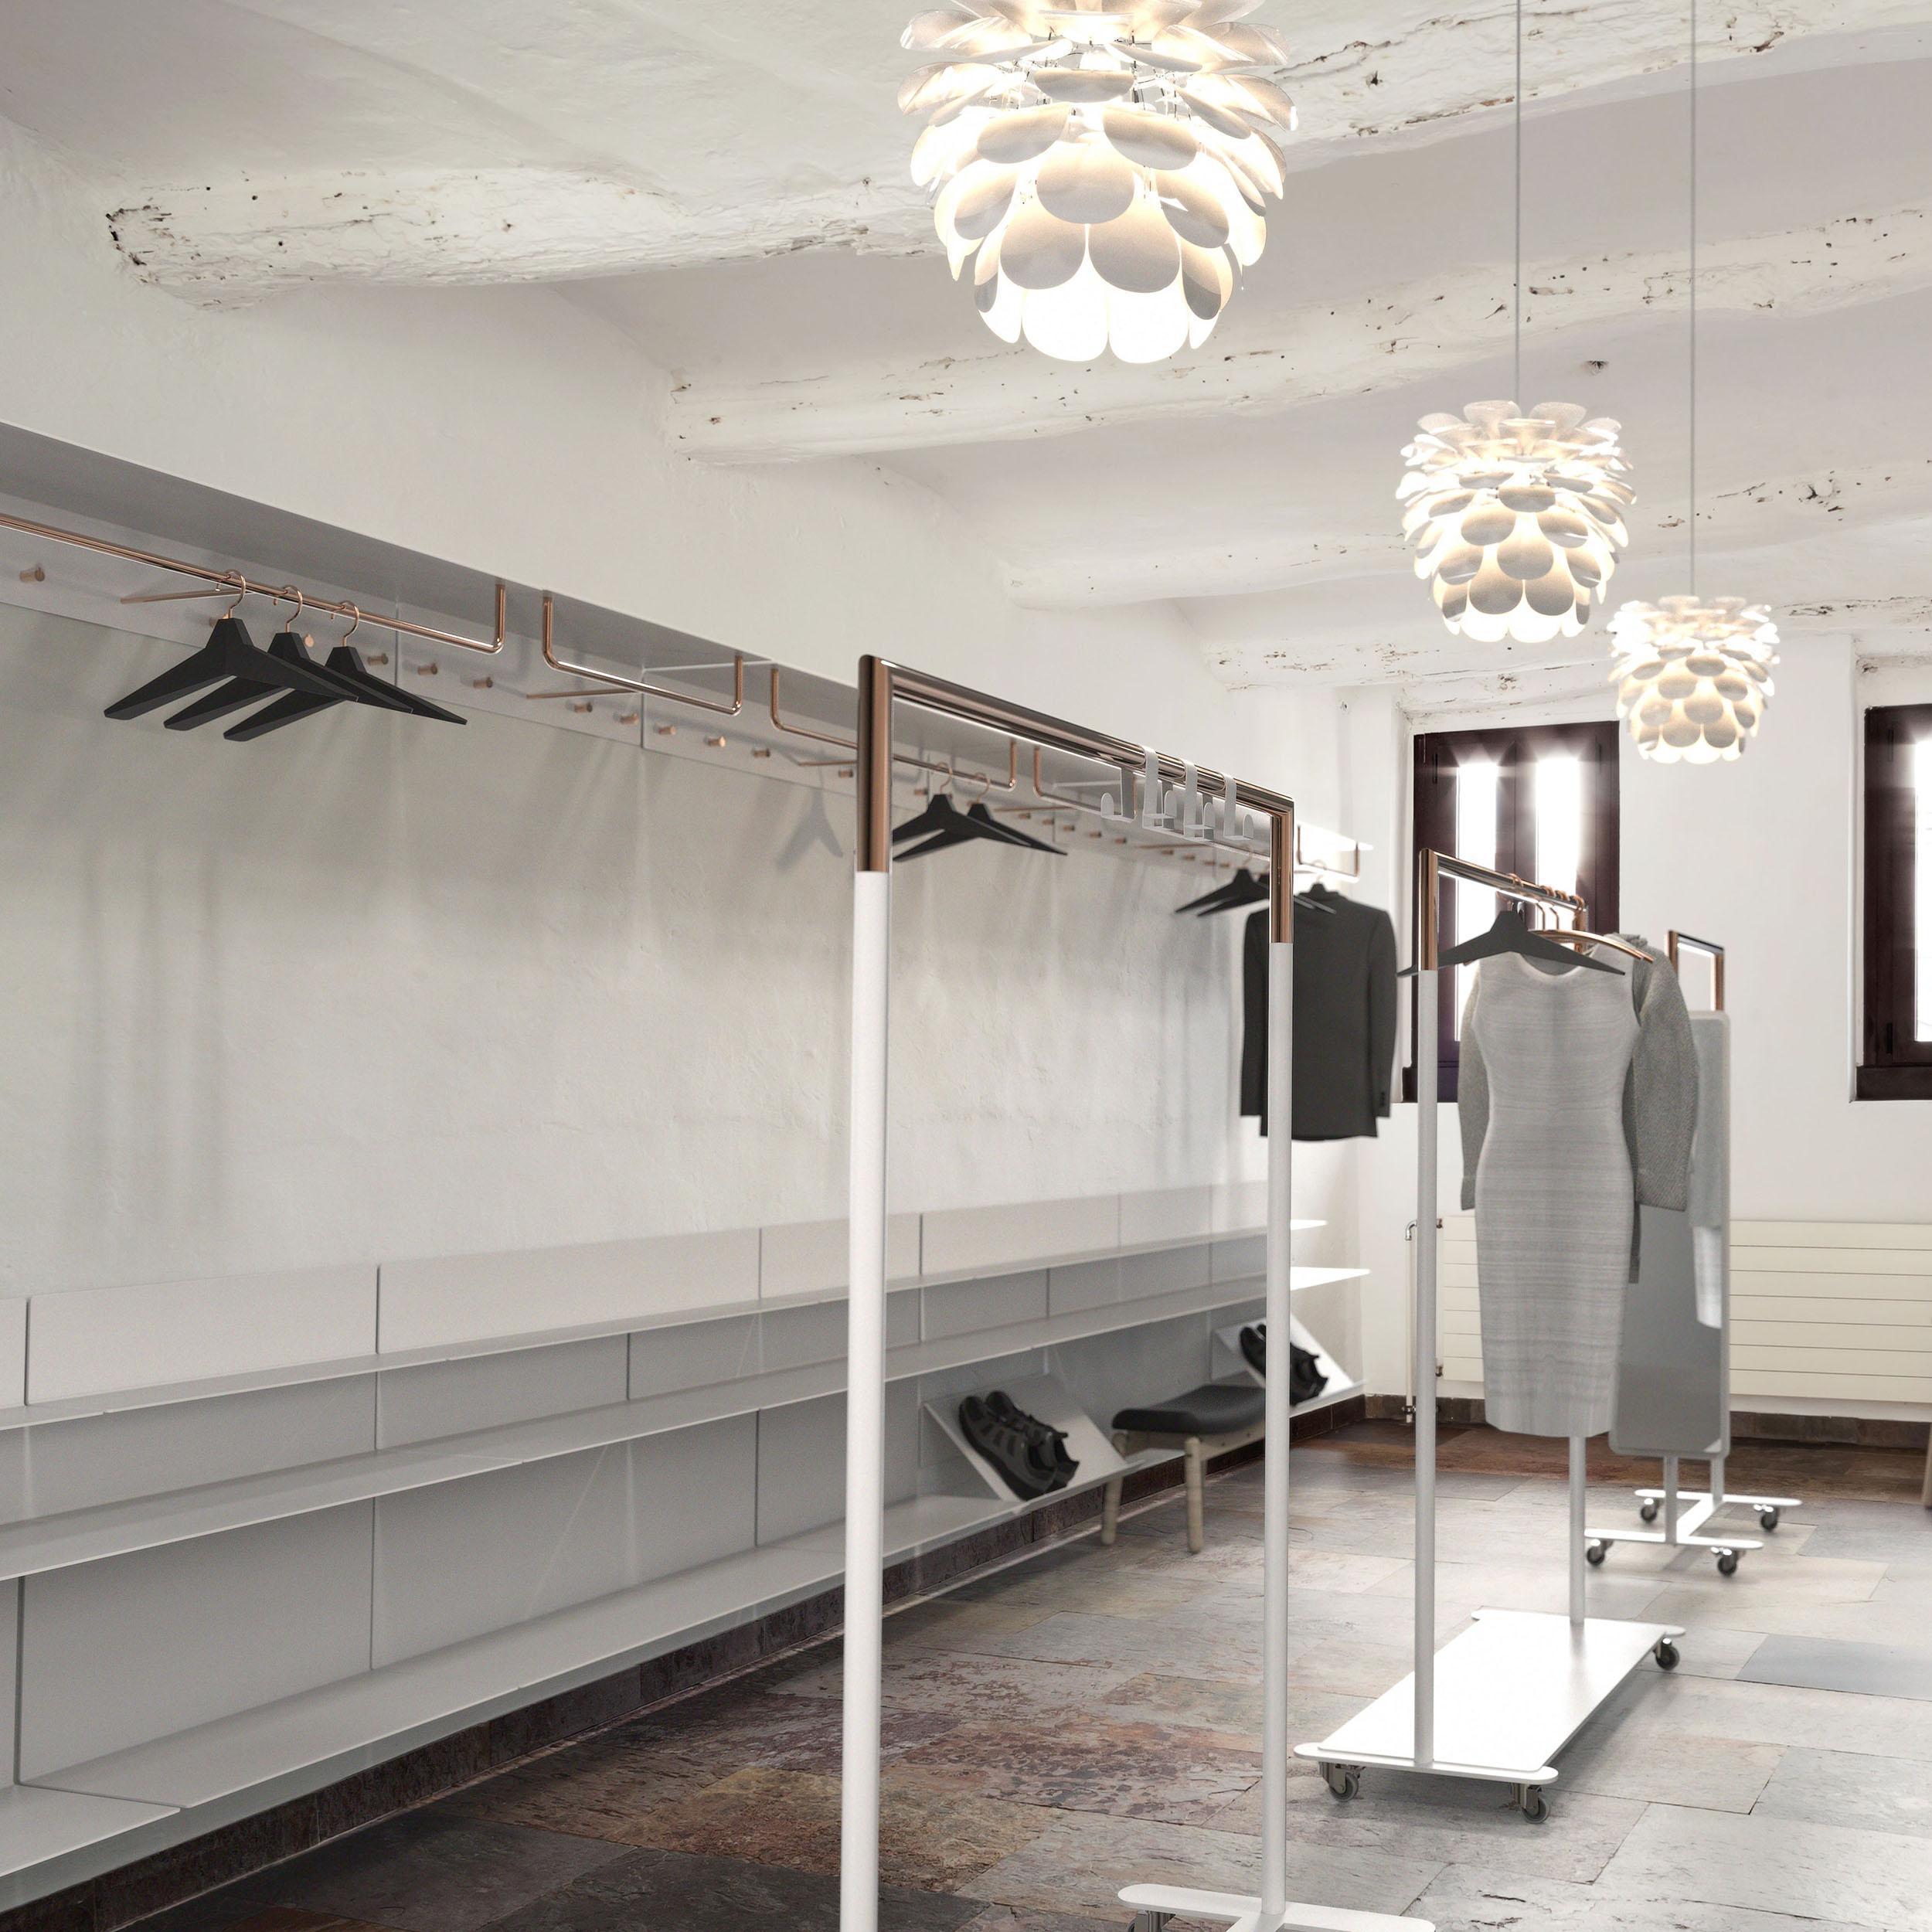 offenes ankleidezimmer im edlen weiss kupfer mix ablage aufbewahrung kleiderstander